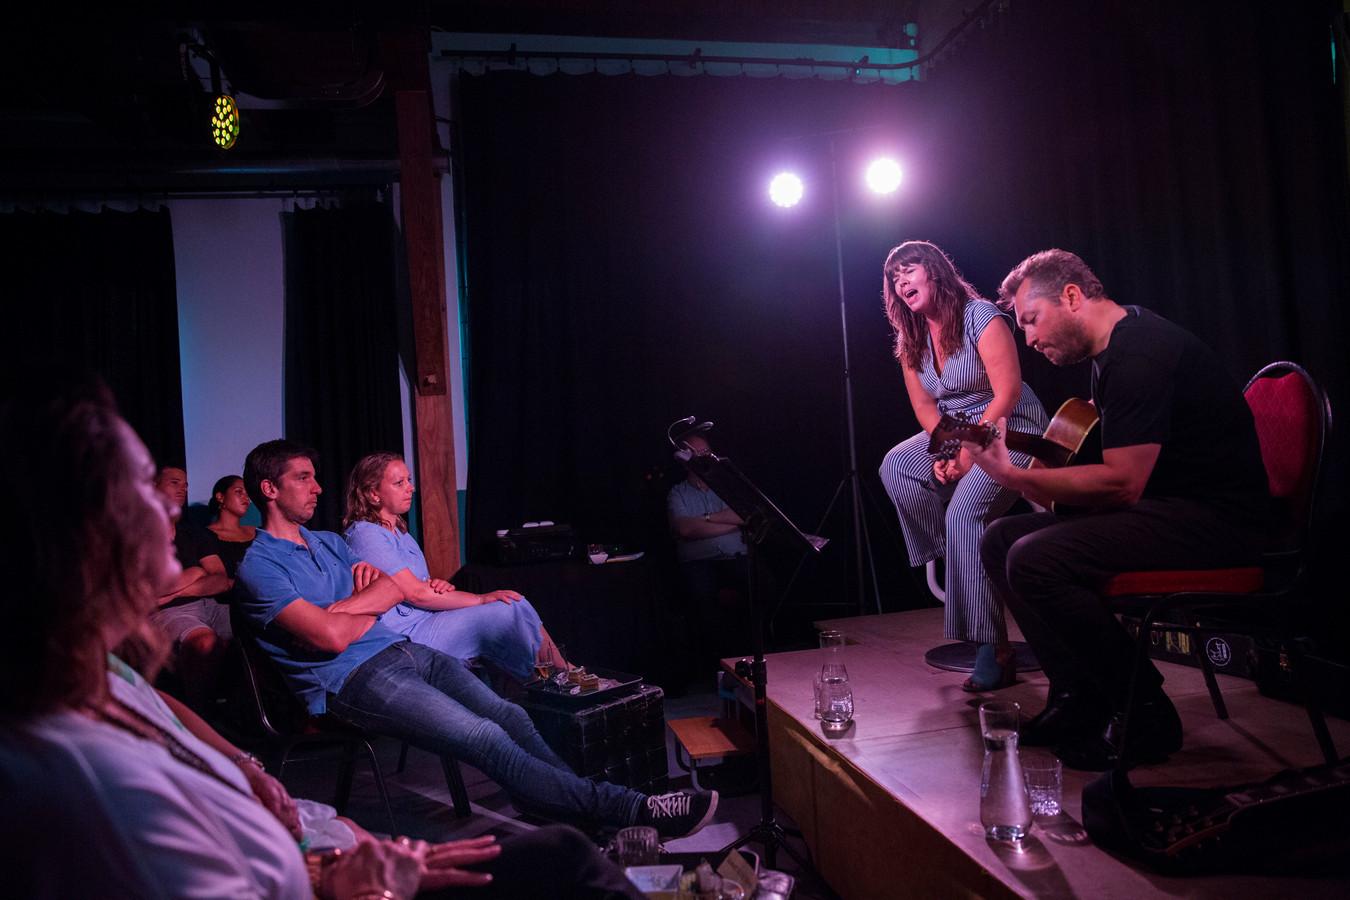 Het optreden van Smoking Lucy vormde de start van het zomerprogramma van Rho Toneel, dat nog drie voorstellingen geprogrammeerd heeft